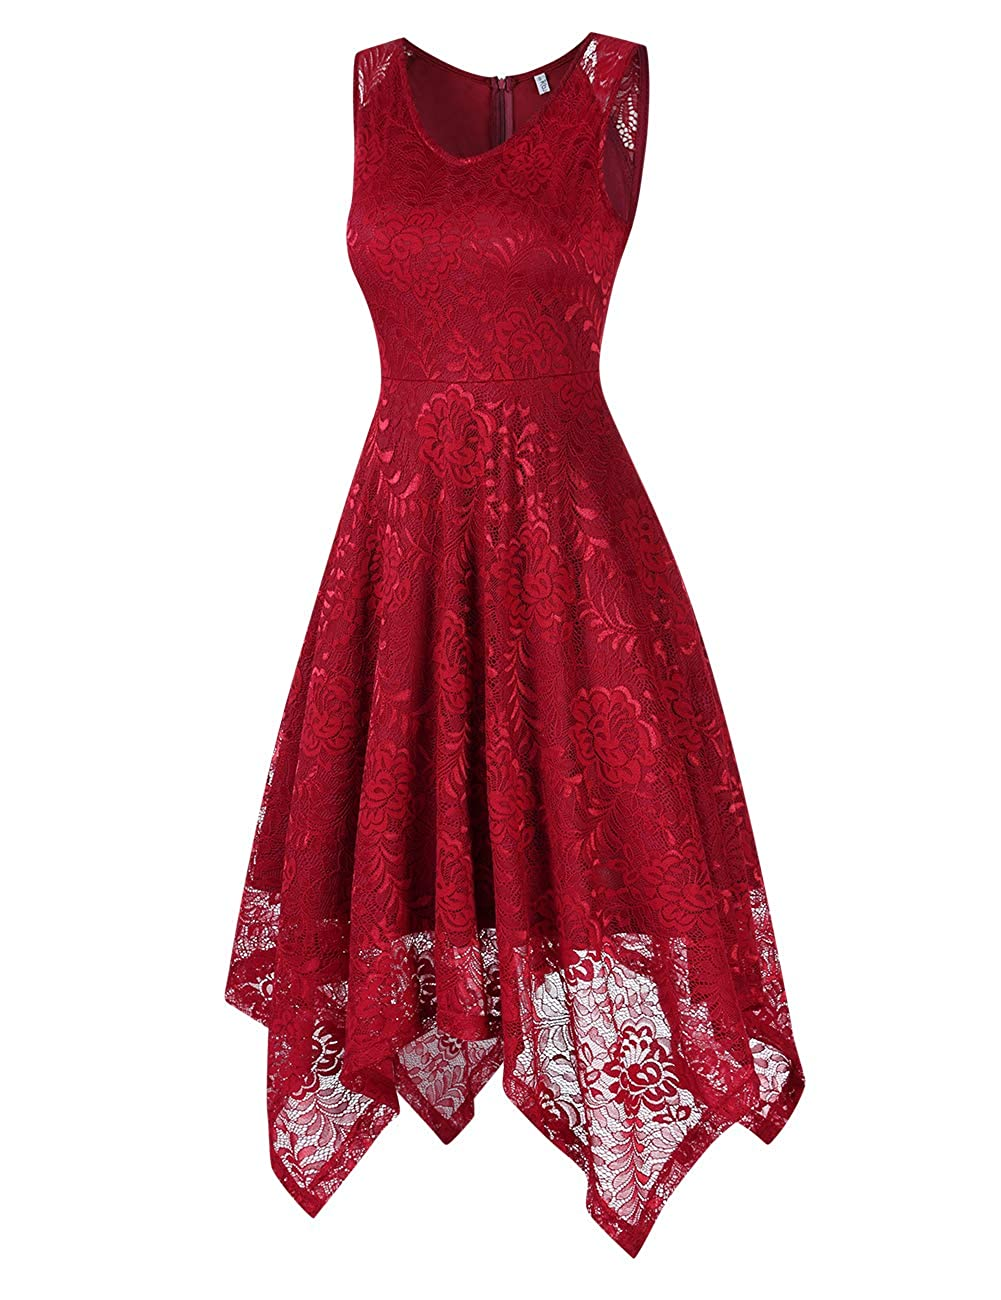 KOJOOIN Vestido C/óctel Vintage Hi-Lo Elegante Mujer Flor Encaje Vestidos de Fiesta